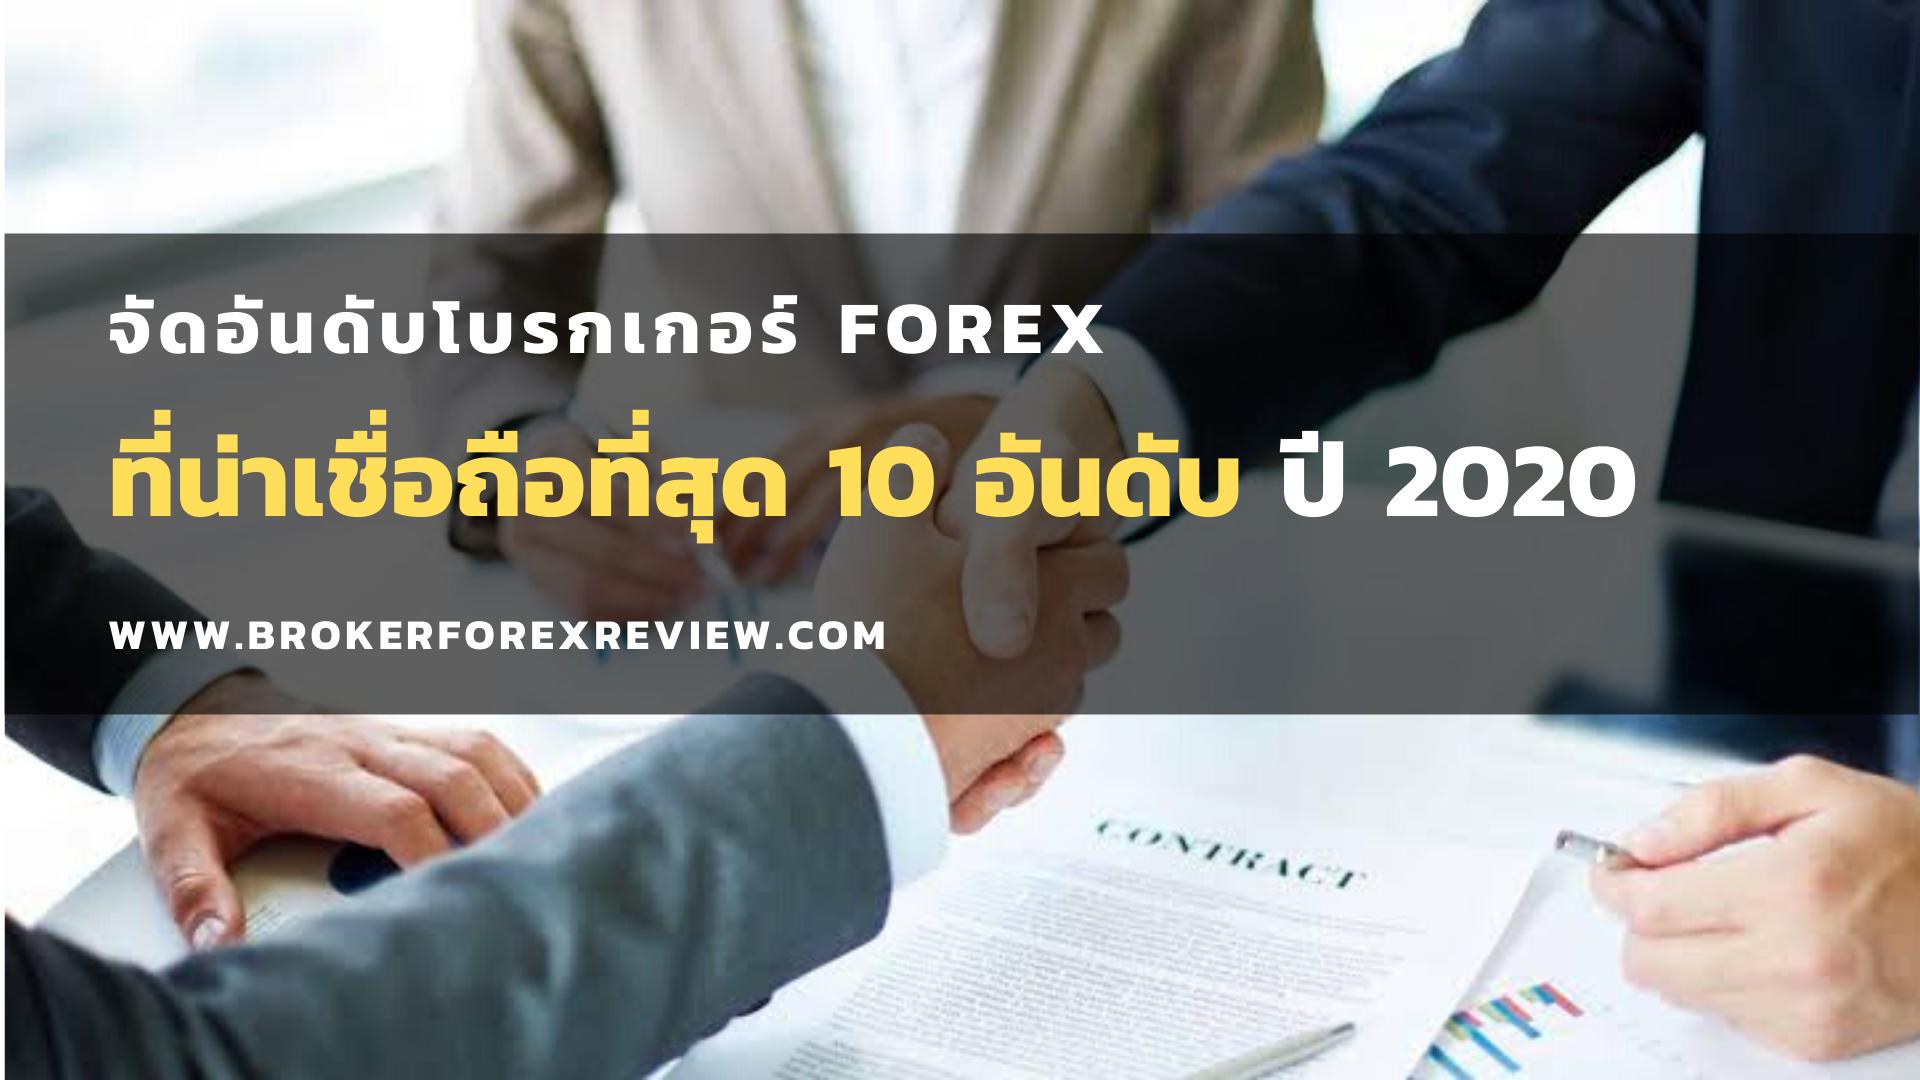 โบรกเกอร์ Forex น่าเชื่อถือ 10 อันดับ ปี 2020